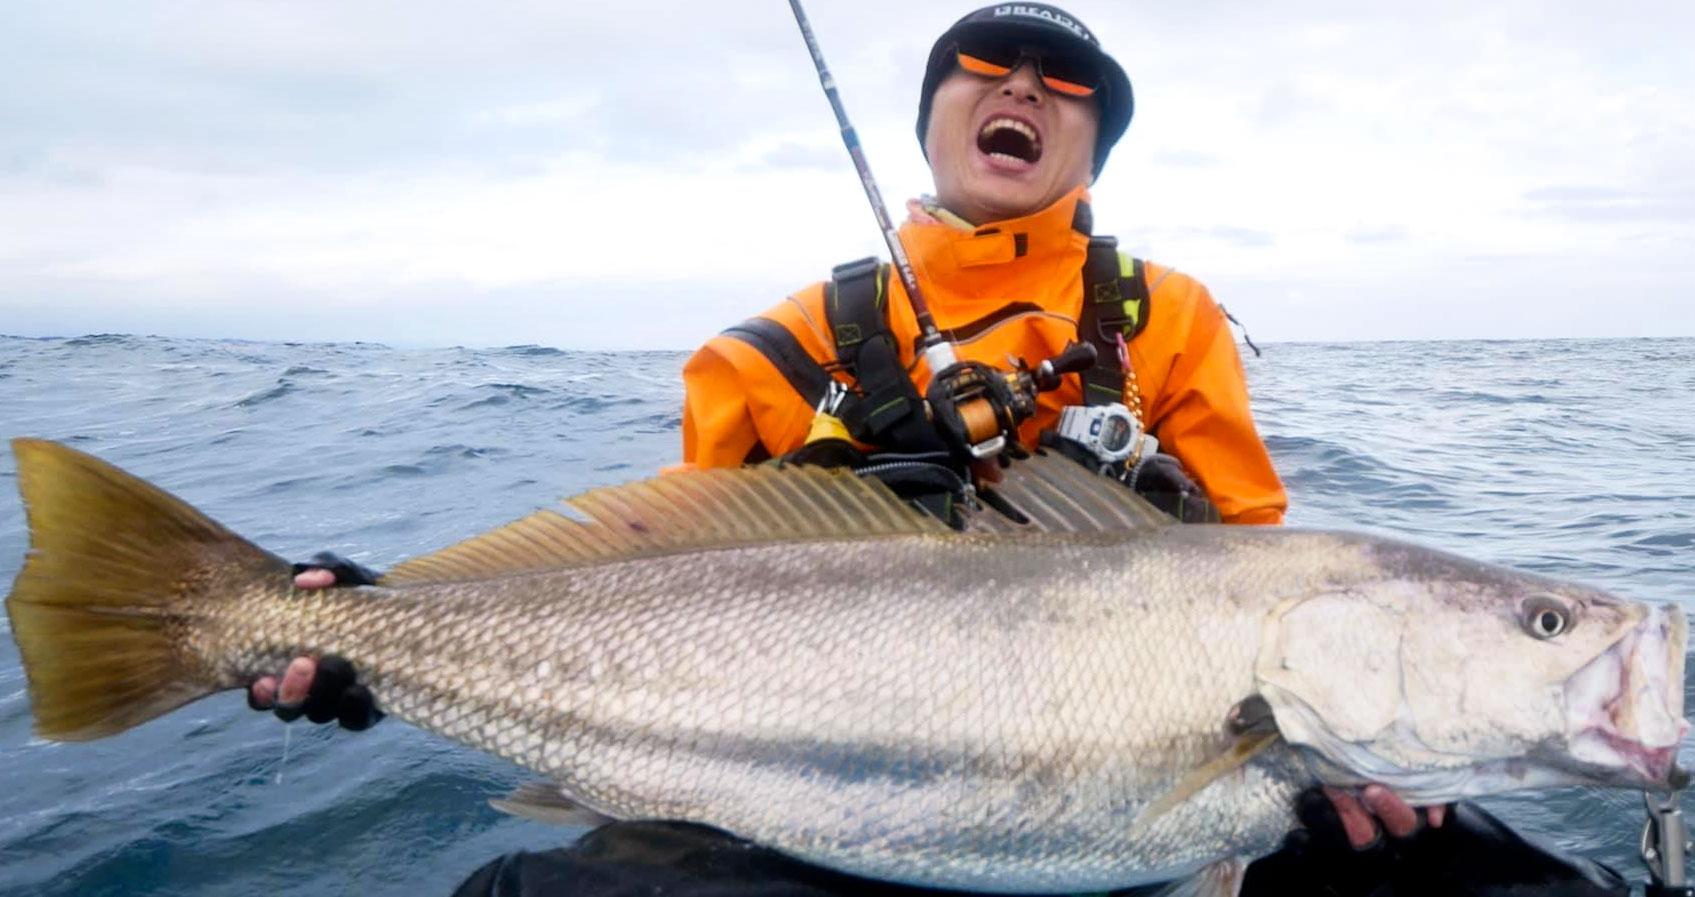 Fishman AUX久池井がオオニベ121cm 14.5kgをBeamsCRAWLA6.6L+でキャッチ!!